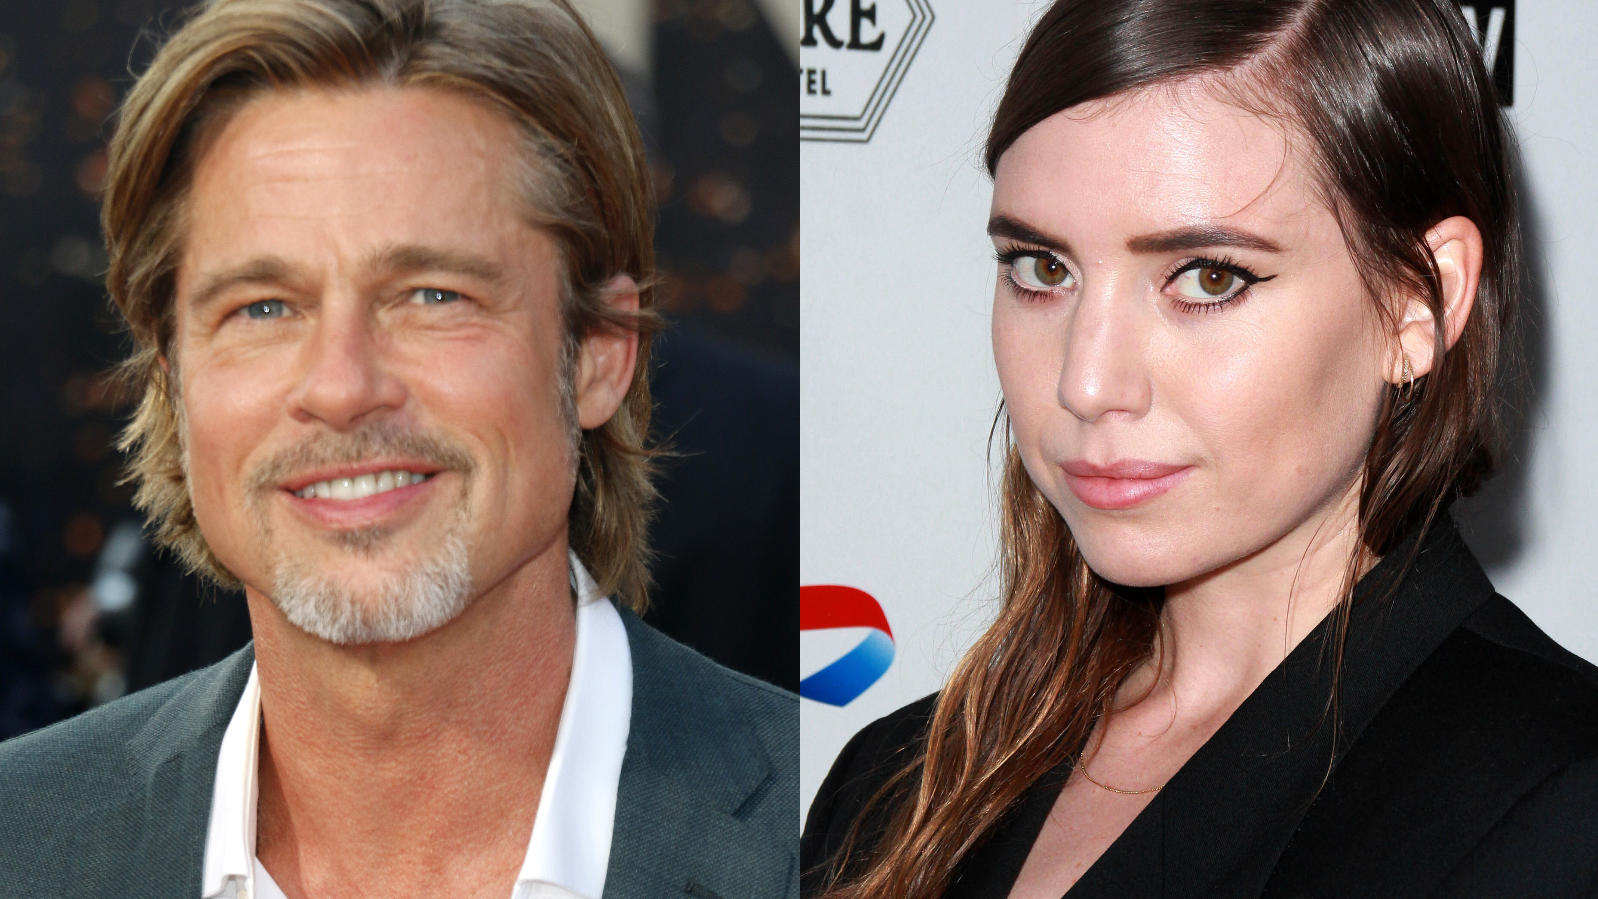 Brad Pitt soll Sängerin Lykke Li daten - behauptet zumindest eine Instagram-Klatschseite.